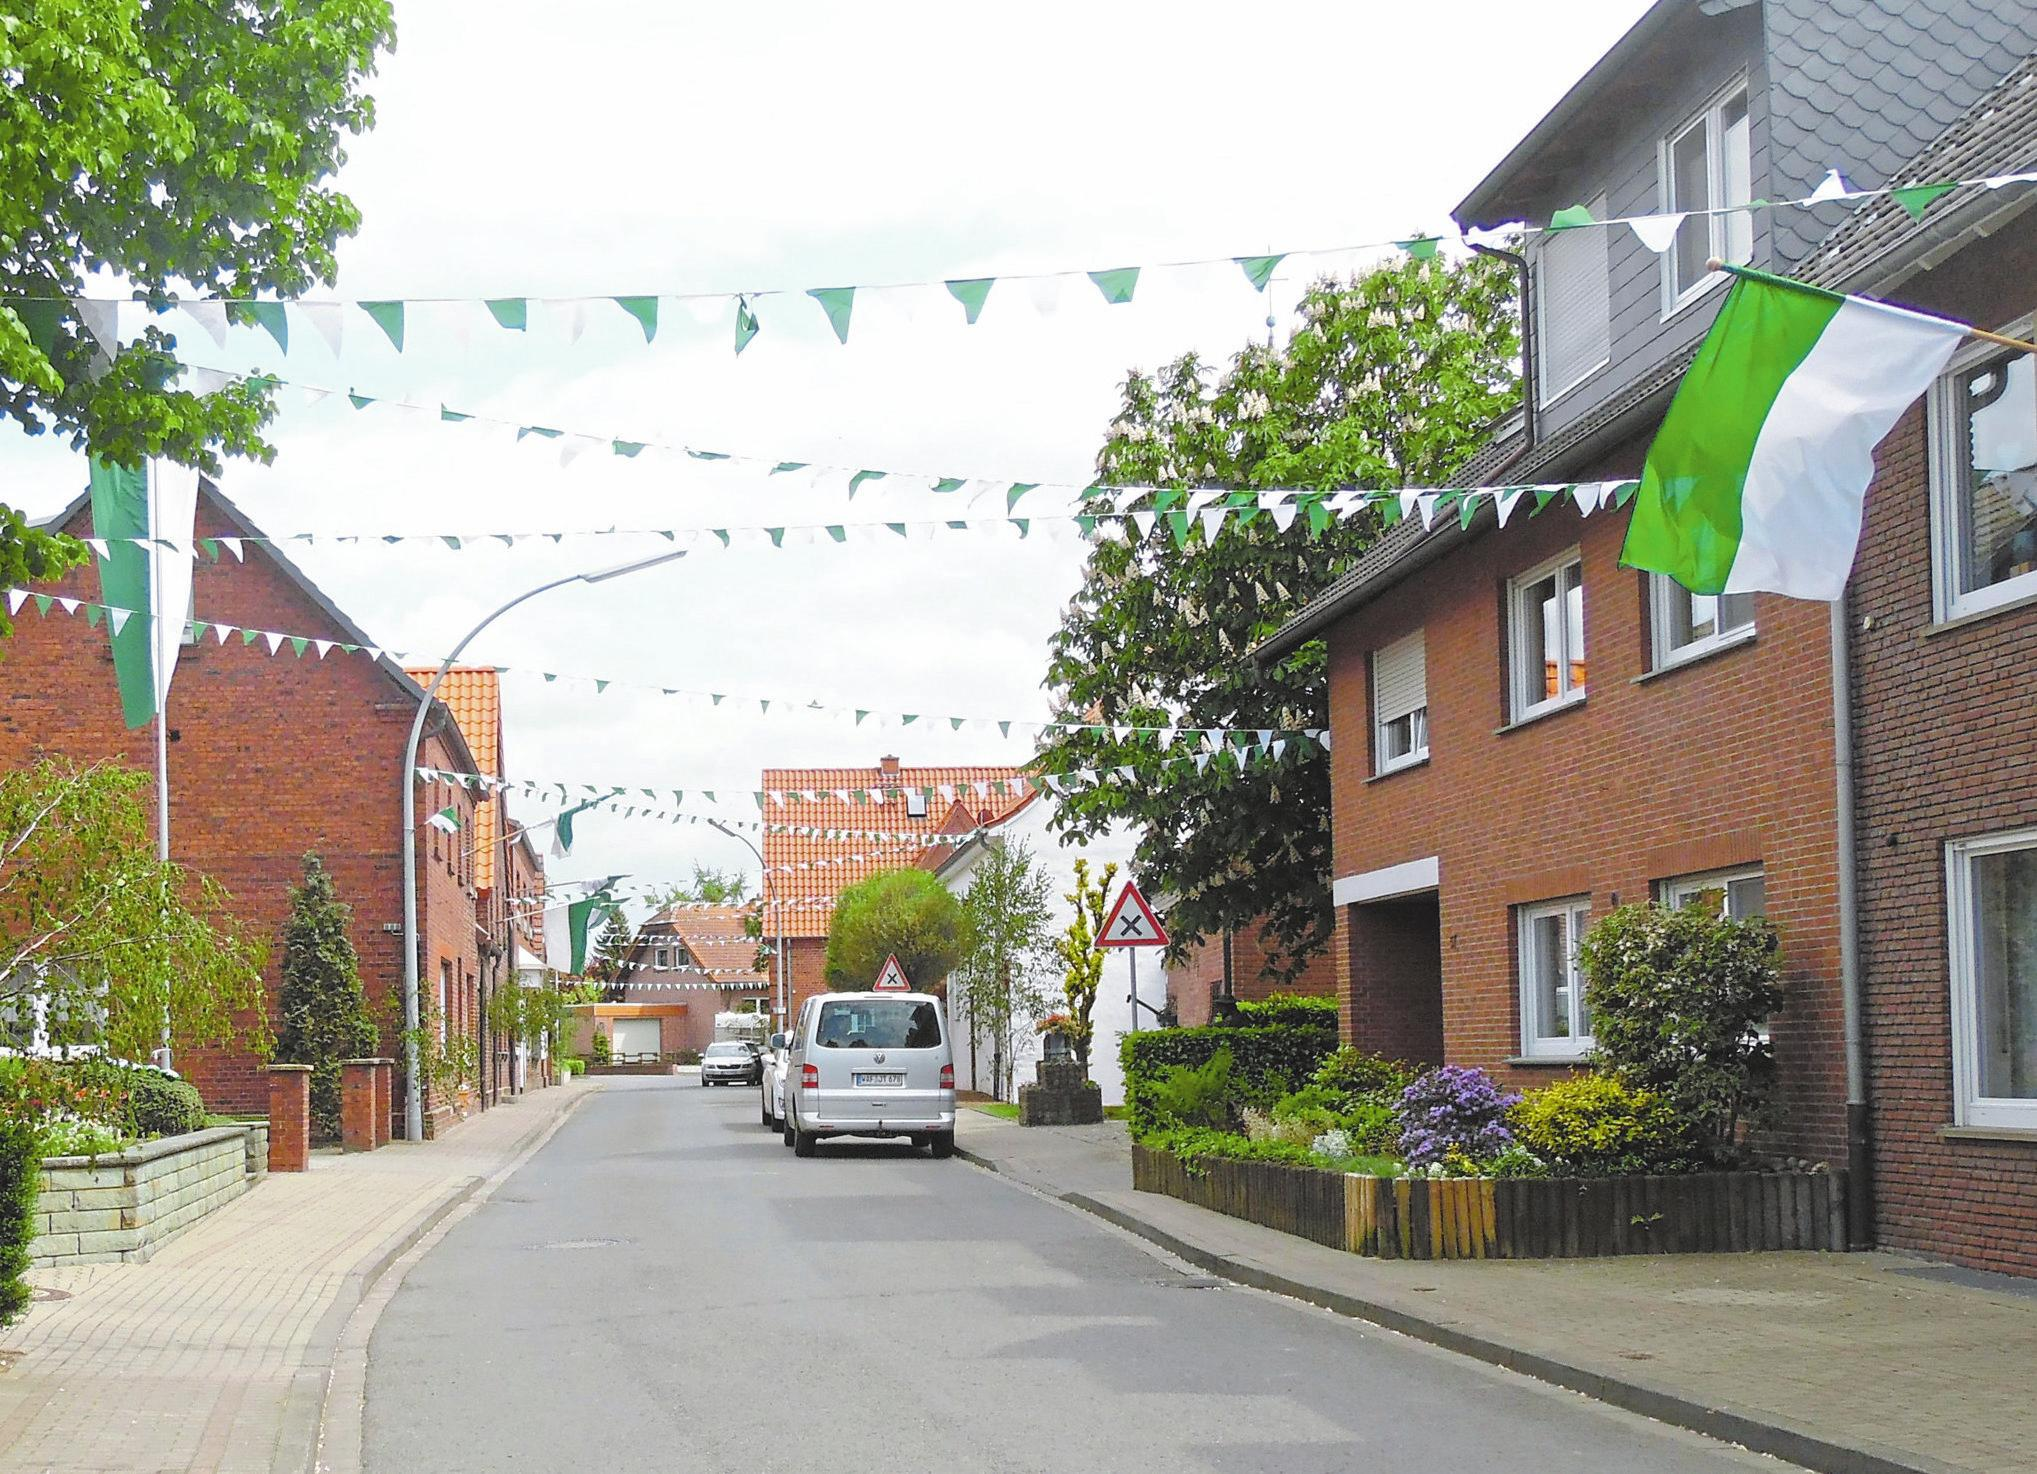 Das Dorf muss ohne seine Feste auskommen Image 2